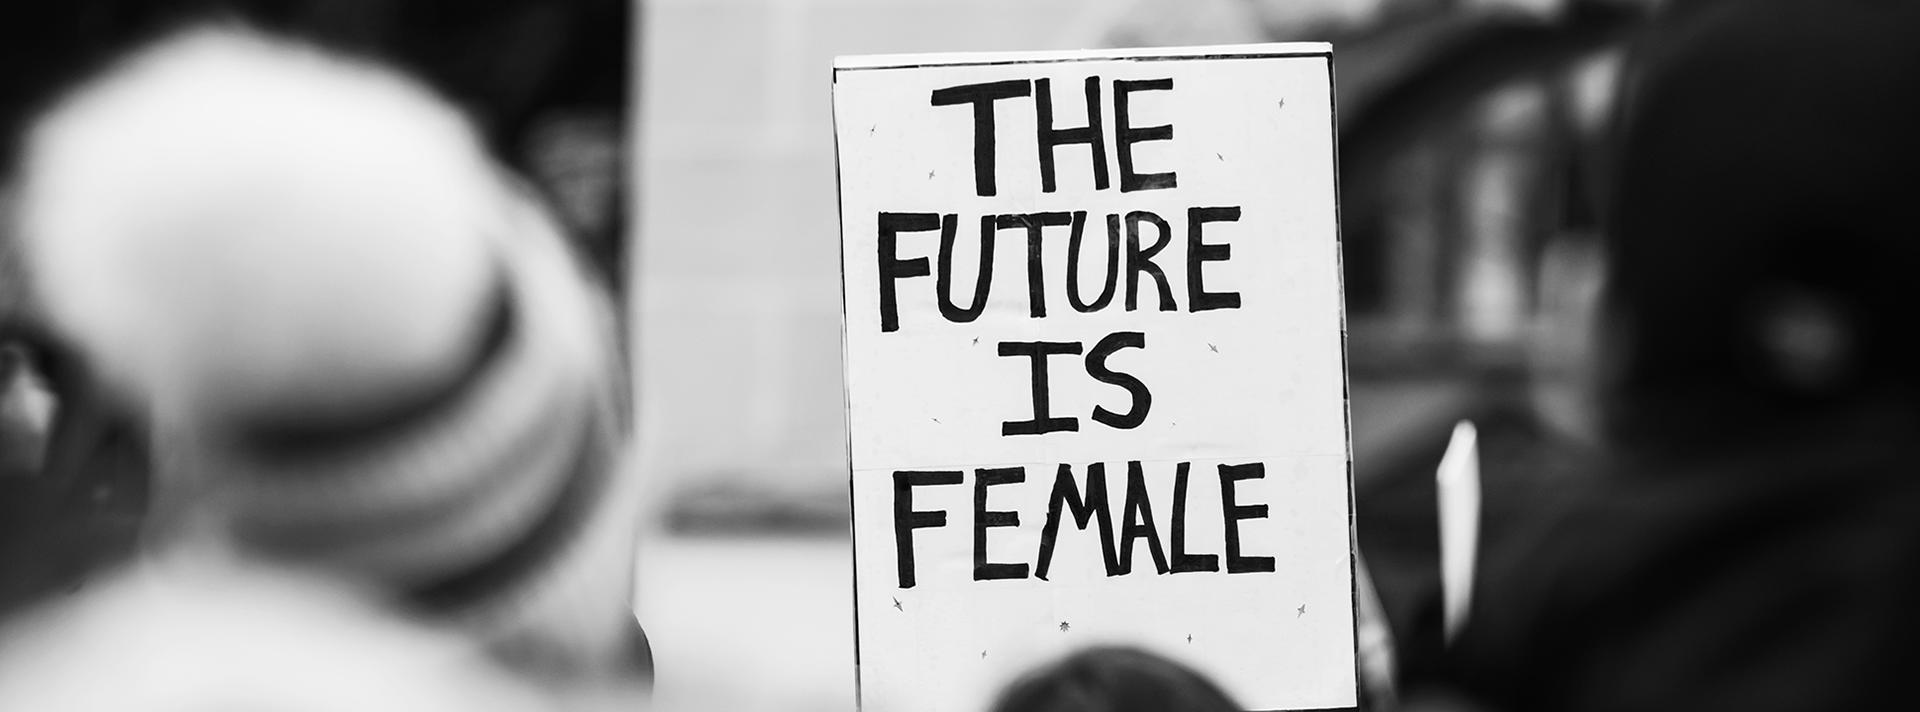 Pelo fim da violência contra as mulheres